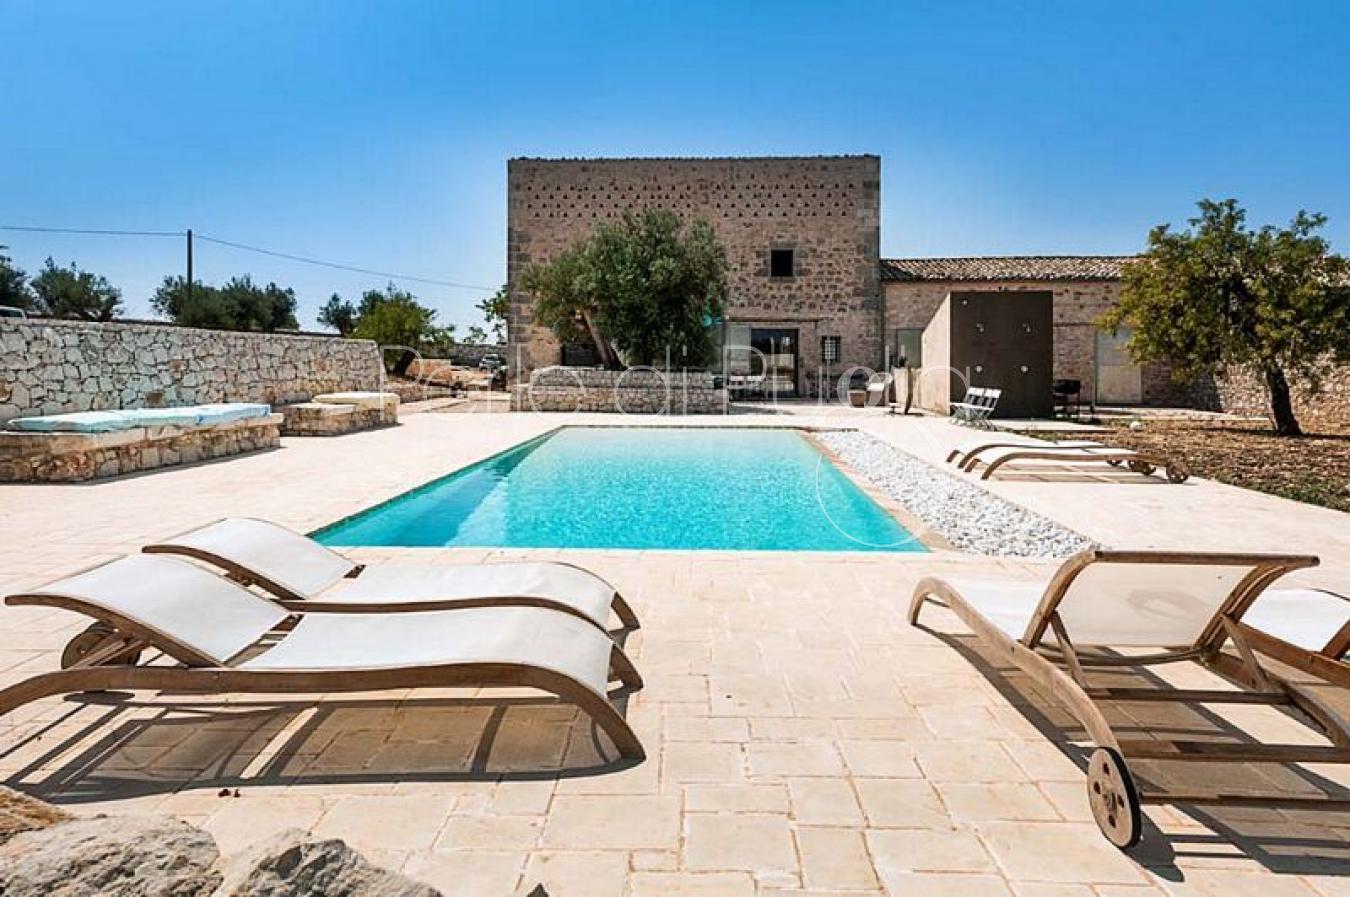 Splendida villa con piscina situata nella campagna di for Villas con piscina